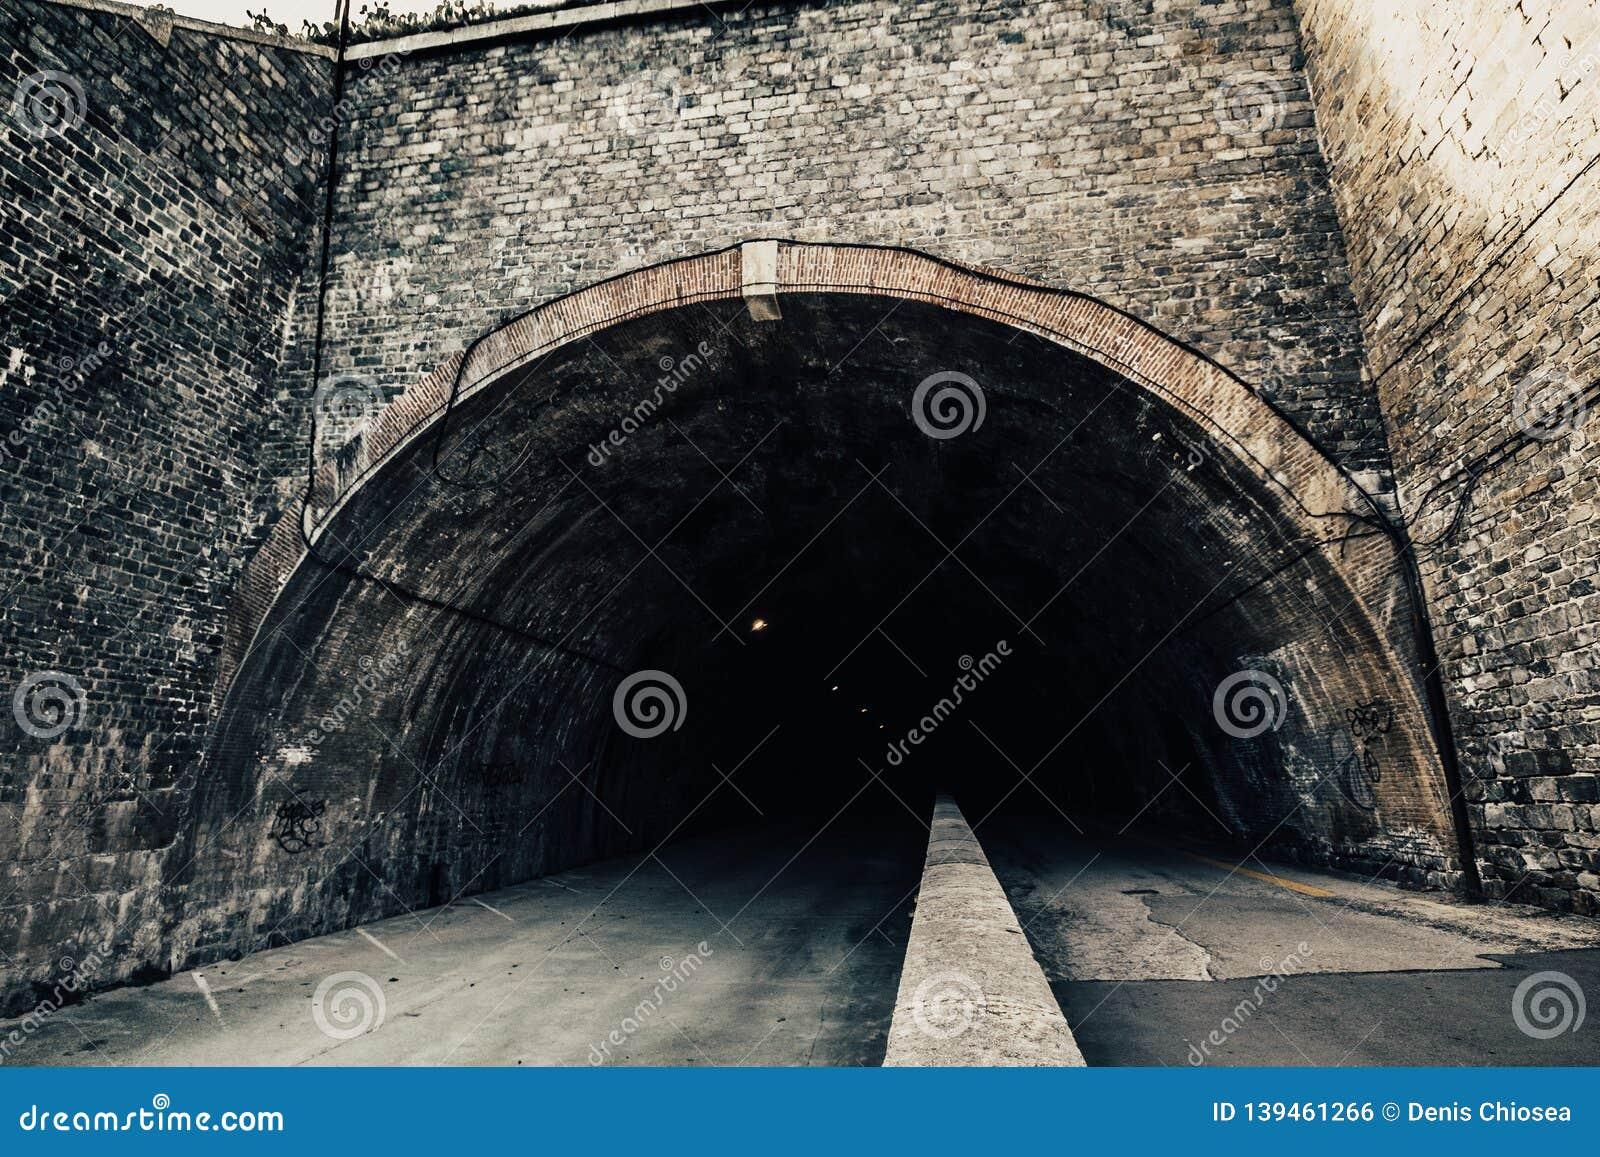 Entrance to a big dark tunnel, mystical.